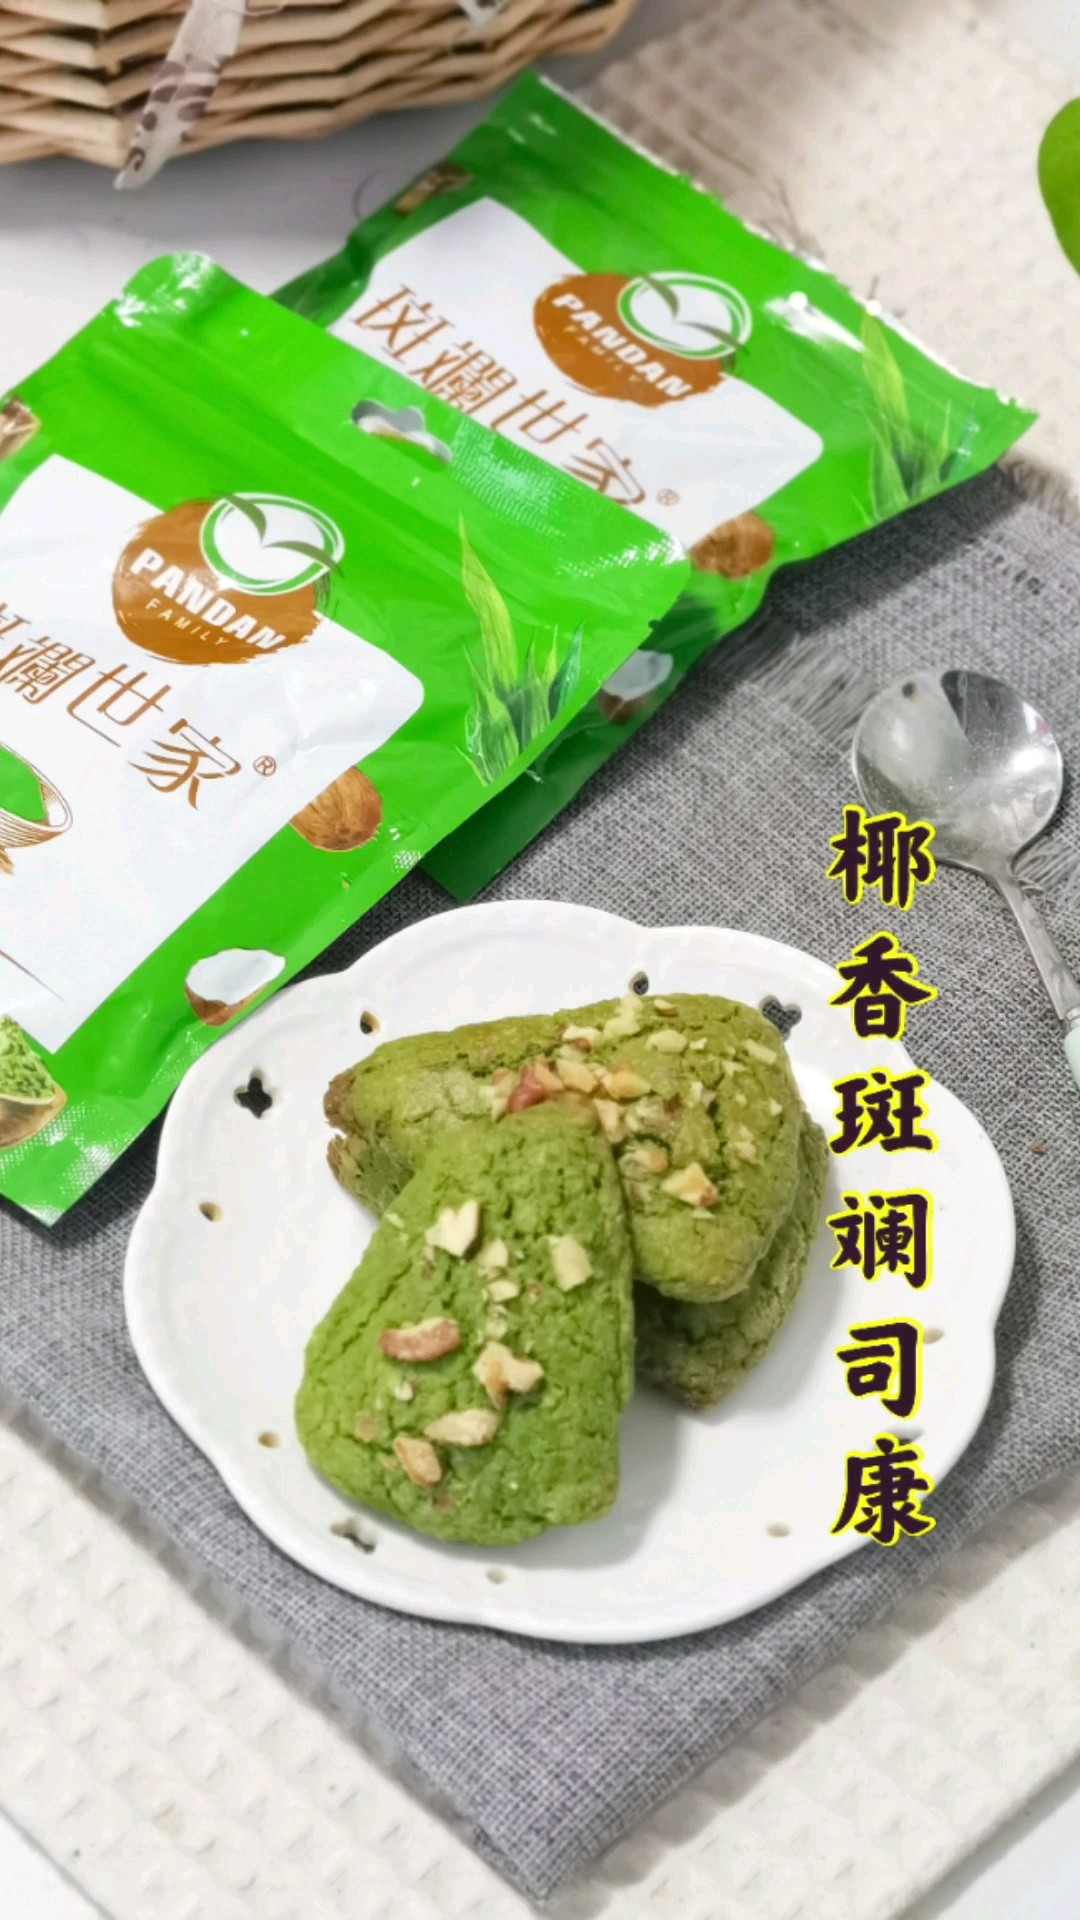 椰香斑斓司康,颜值与美味并存的零失败快手甜点的做法